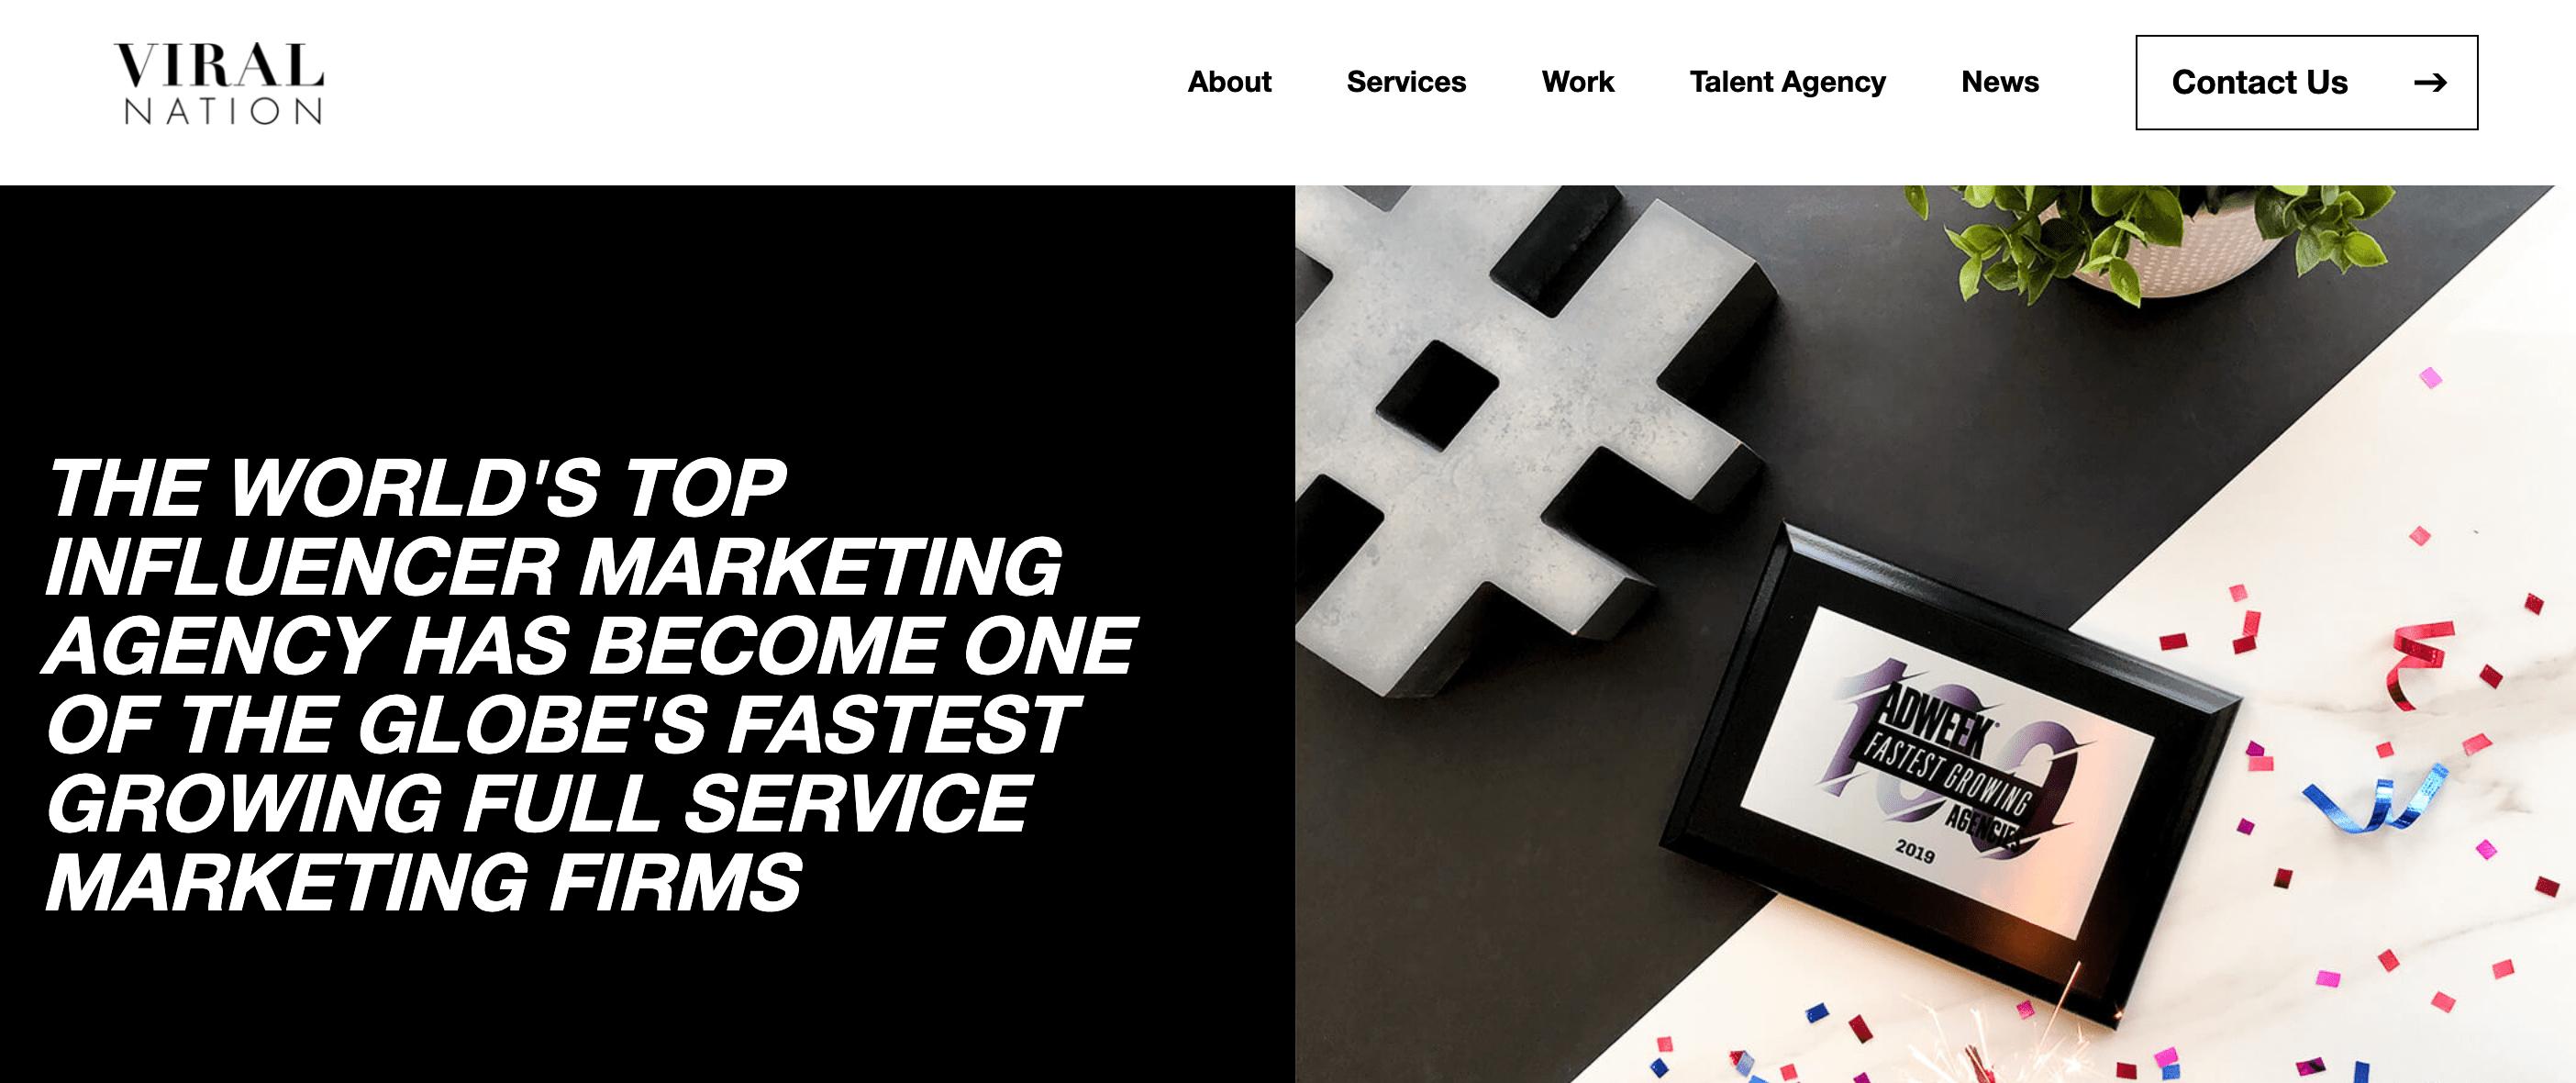 Viral-Nation-global-influencer-marketing-agency